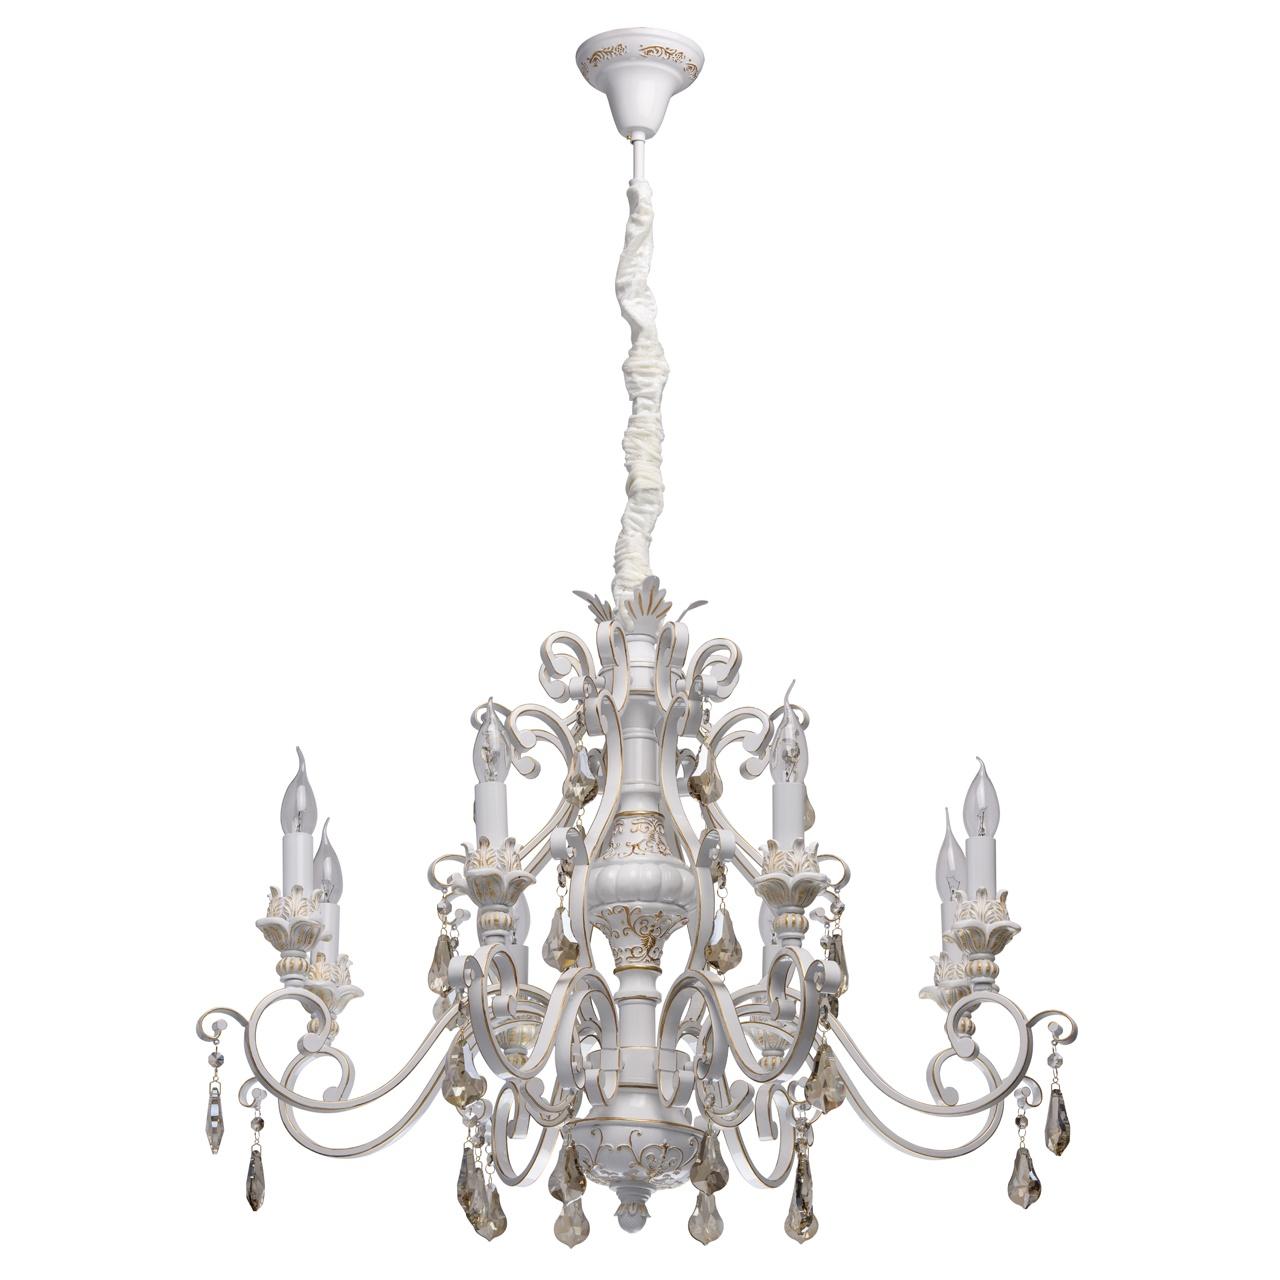 Потолочный светильник Chiaro Версаче, E14